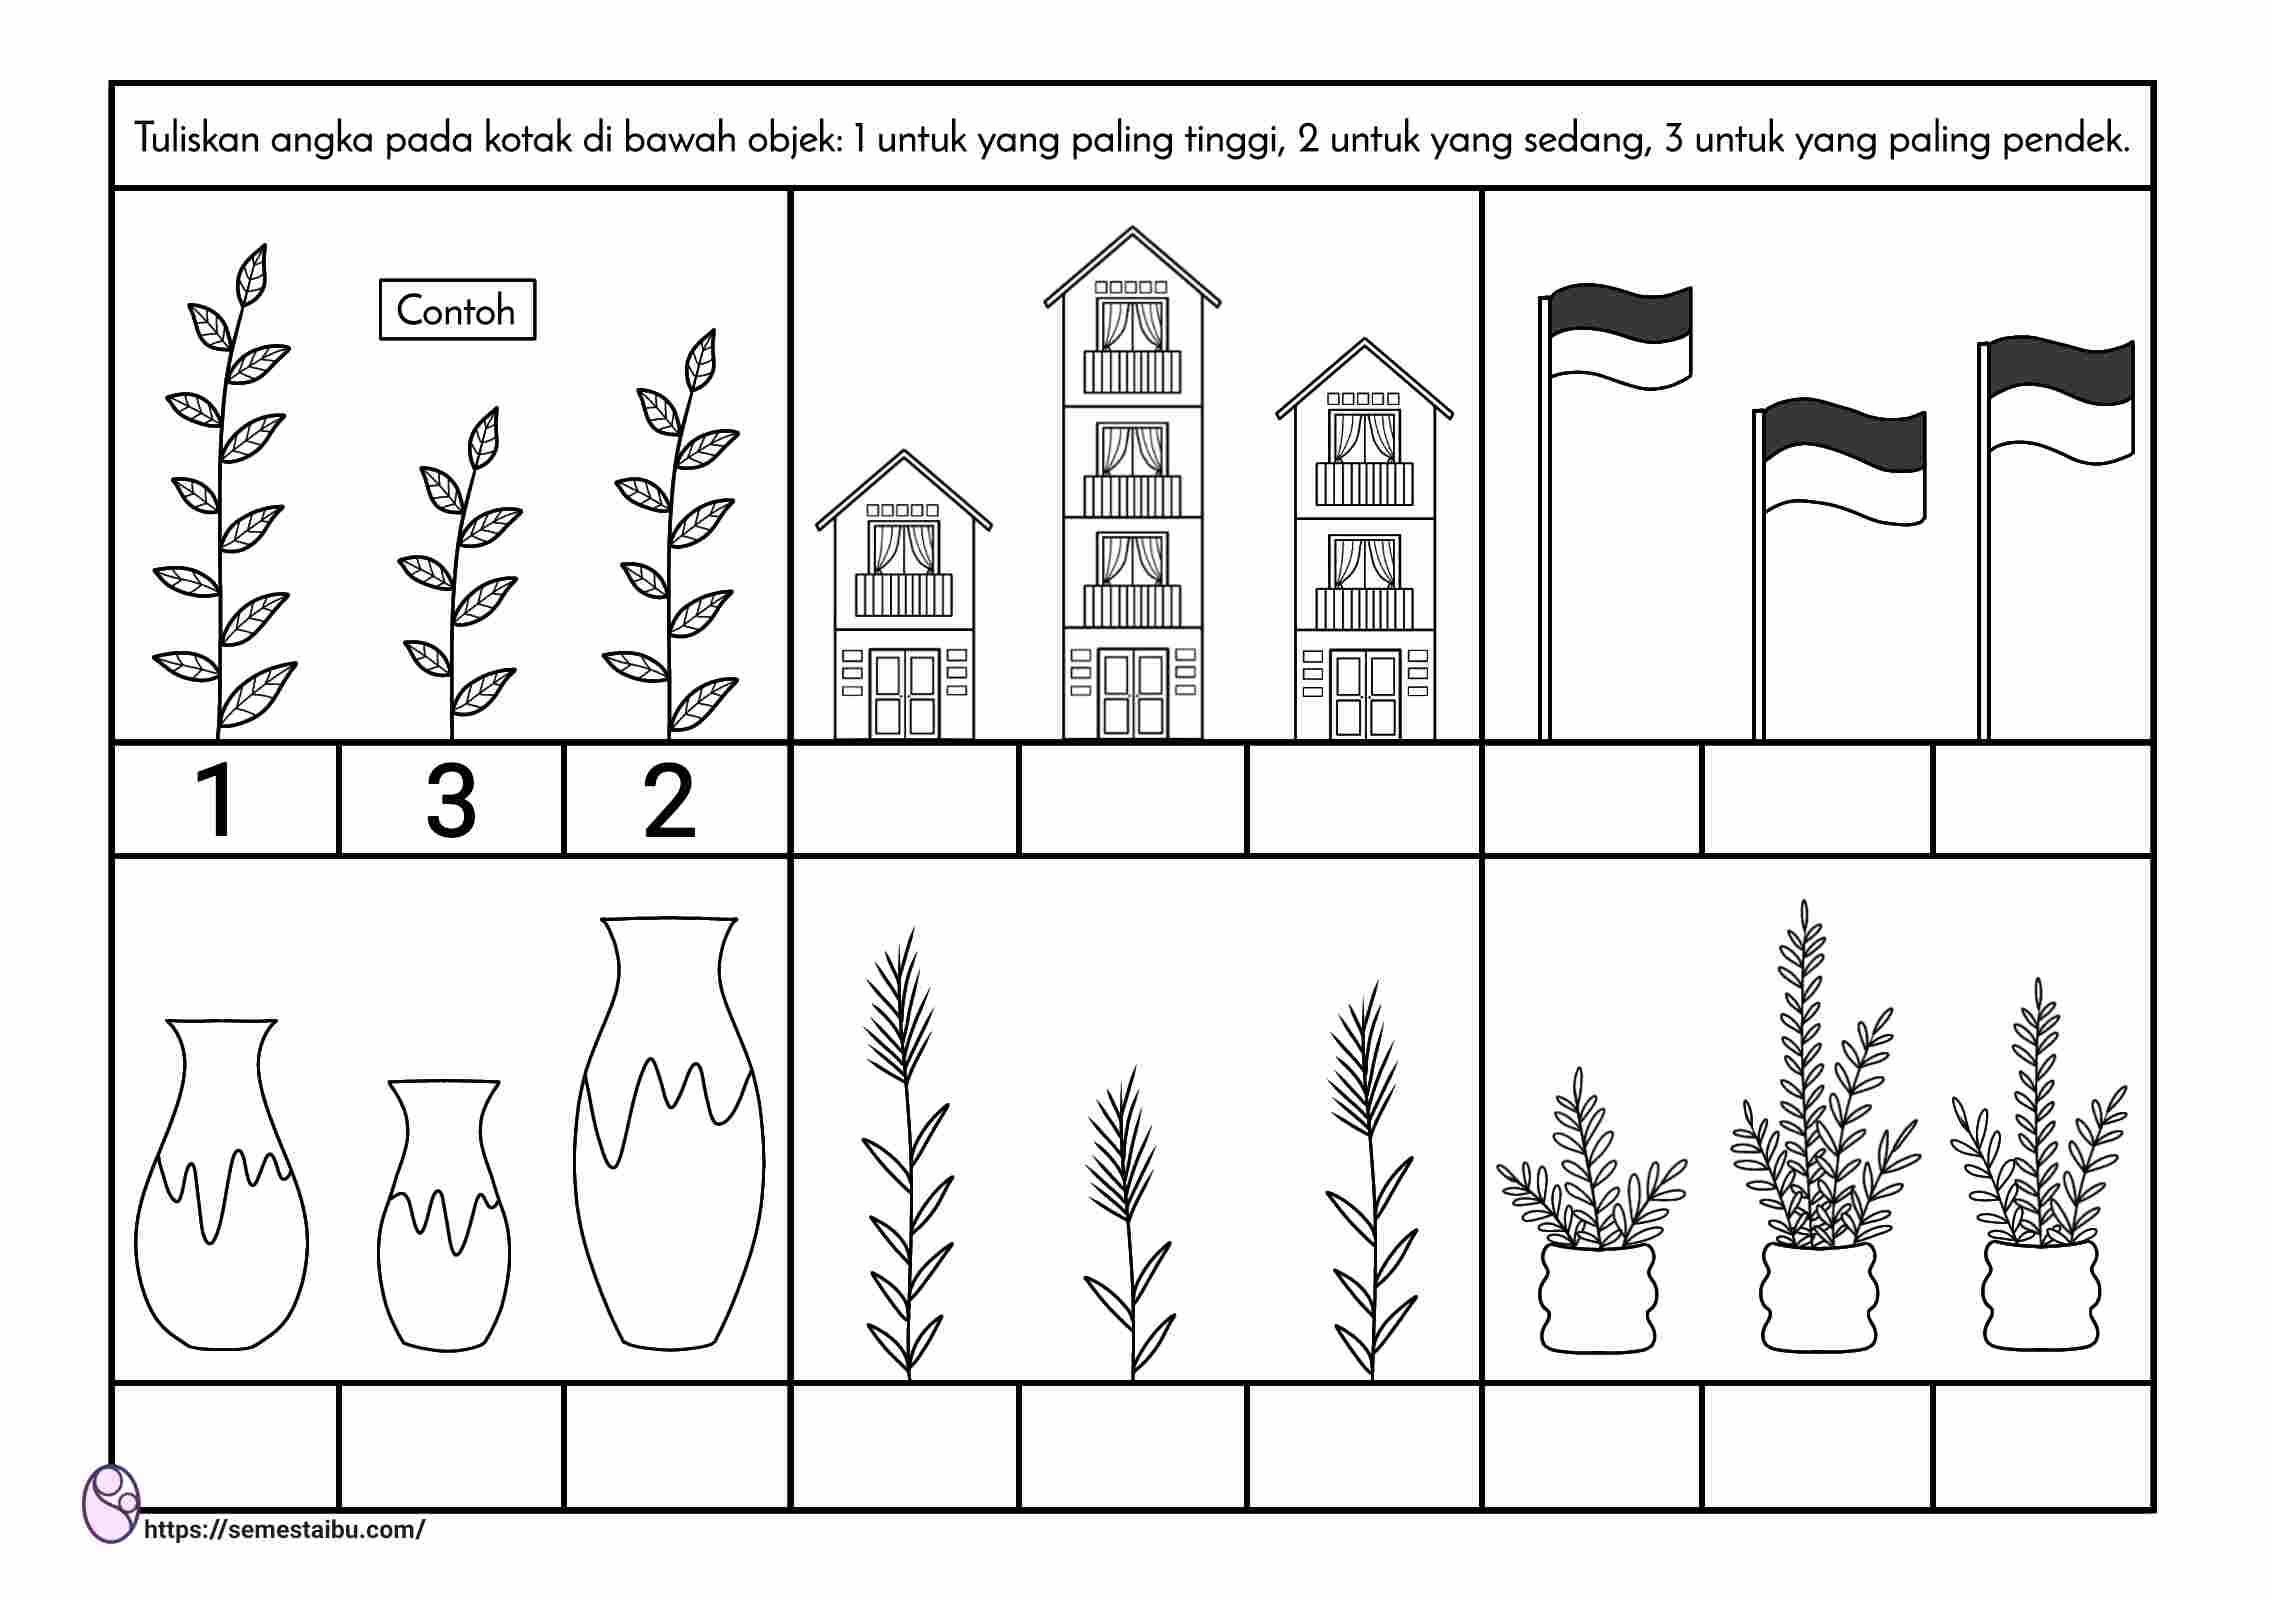 Lembar kerja anak tk - lembar kerja paud - ukuran tinggi pendek - perbandingan - kindergarten worksheet - short tall